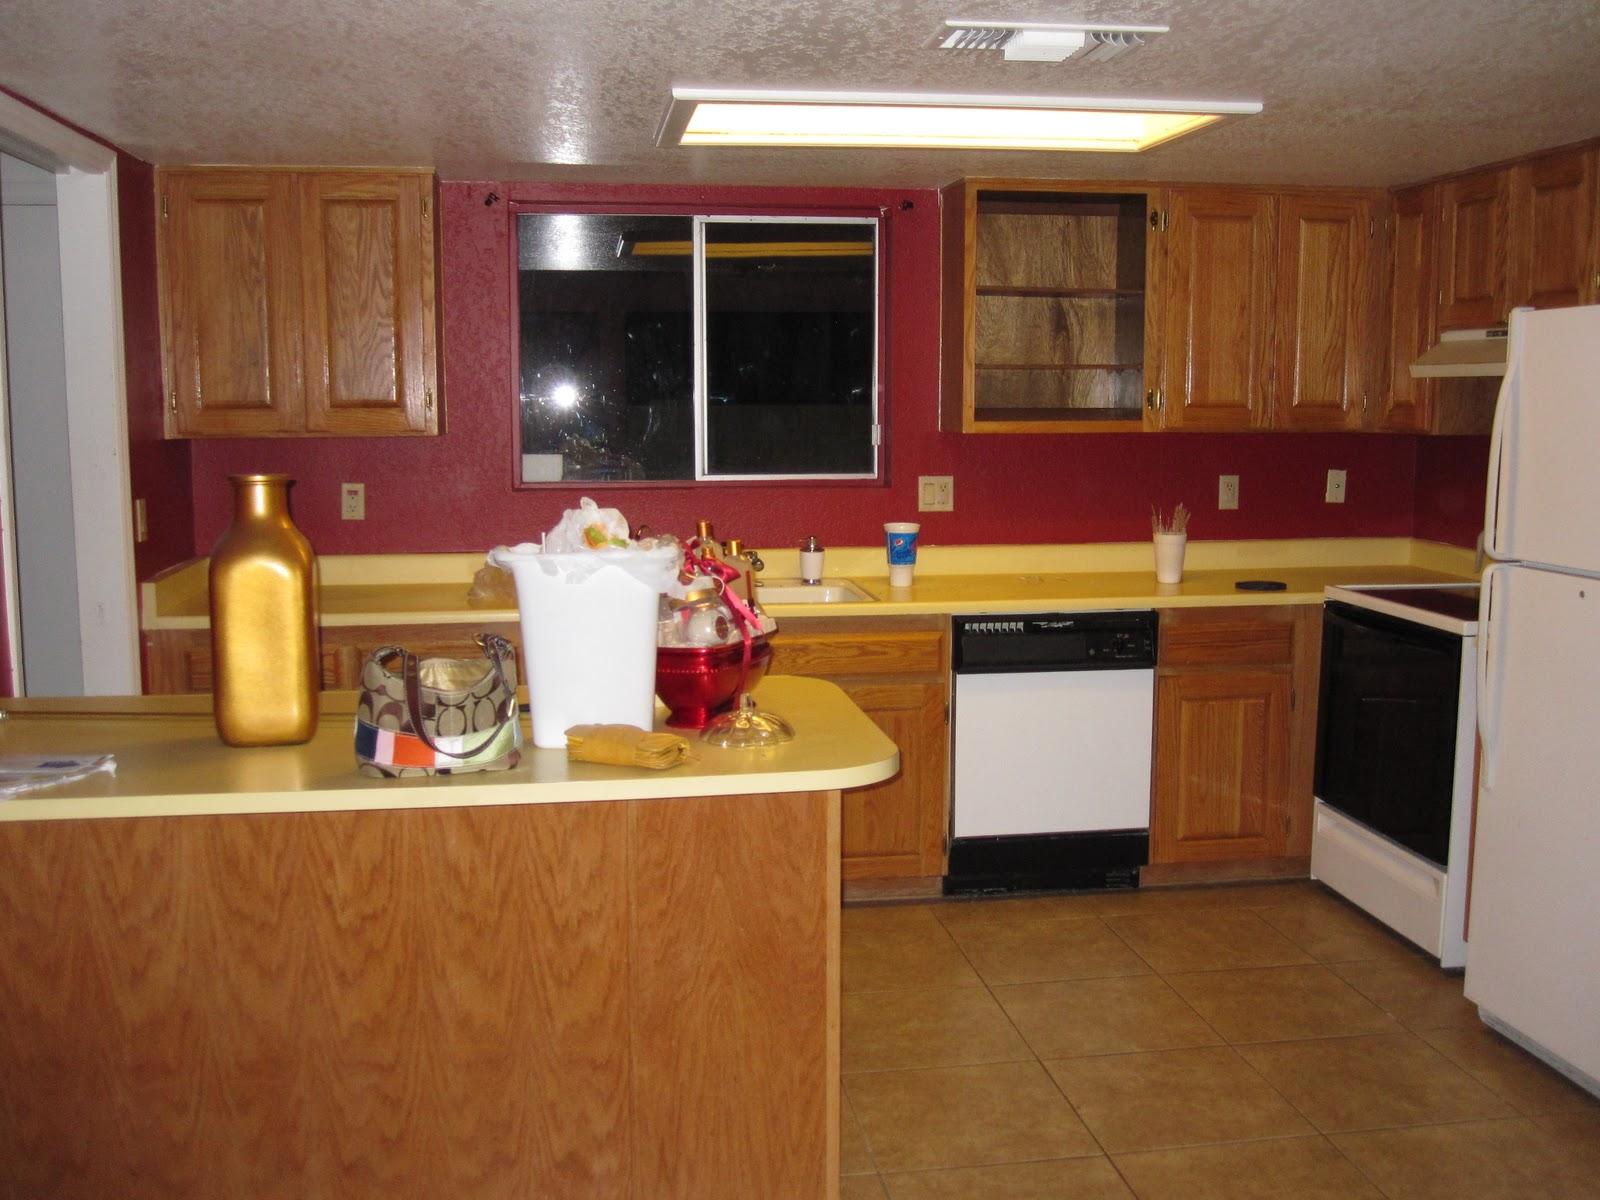 My Kitchen Redo under $400! - Classy Clutter